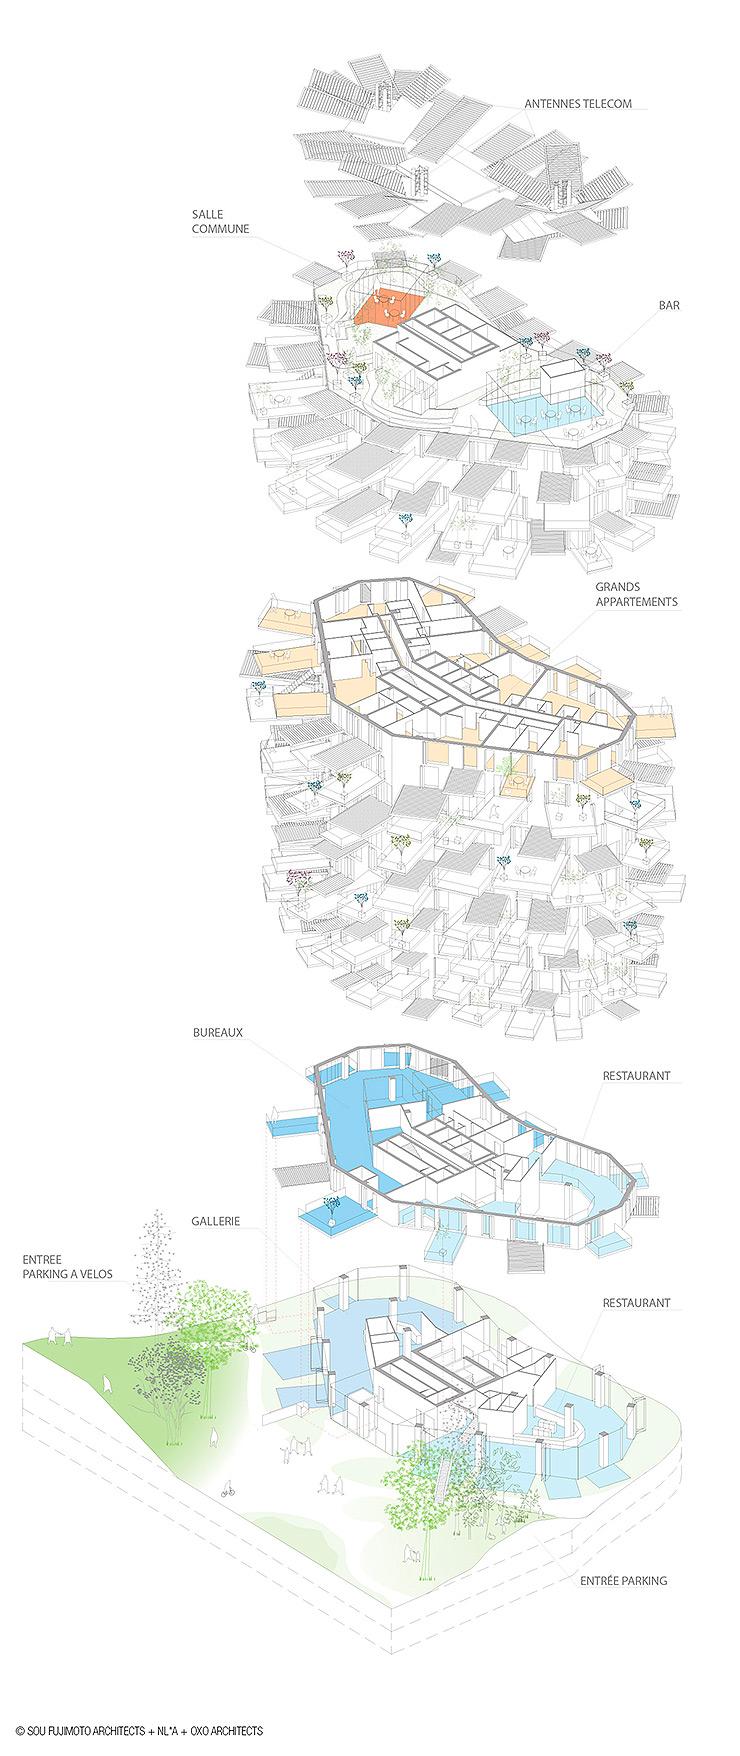 arquitectura-sou-fujimoto-arbre-blanc-arbol-blanco-cosas-arquitectos-12